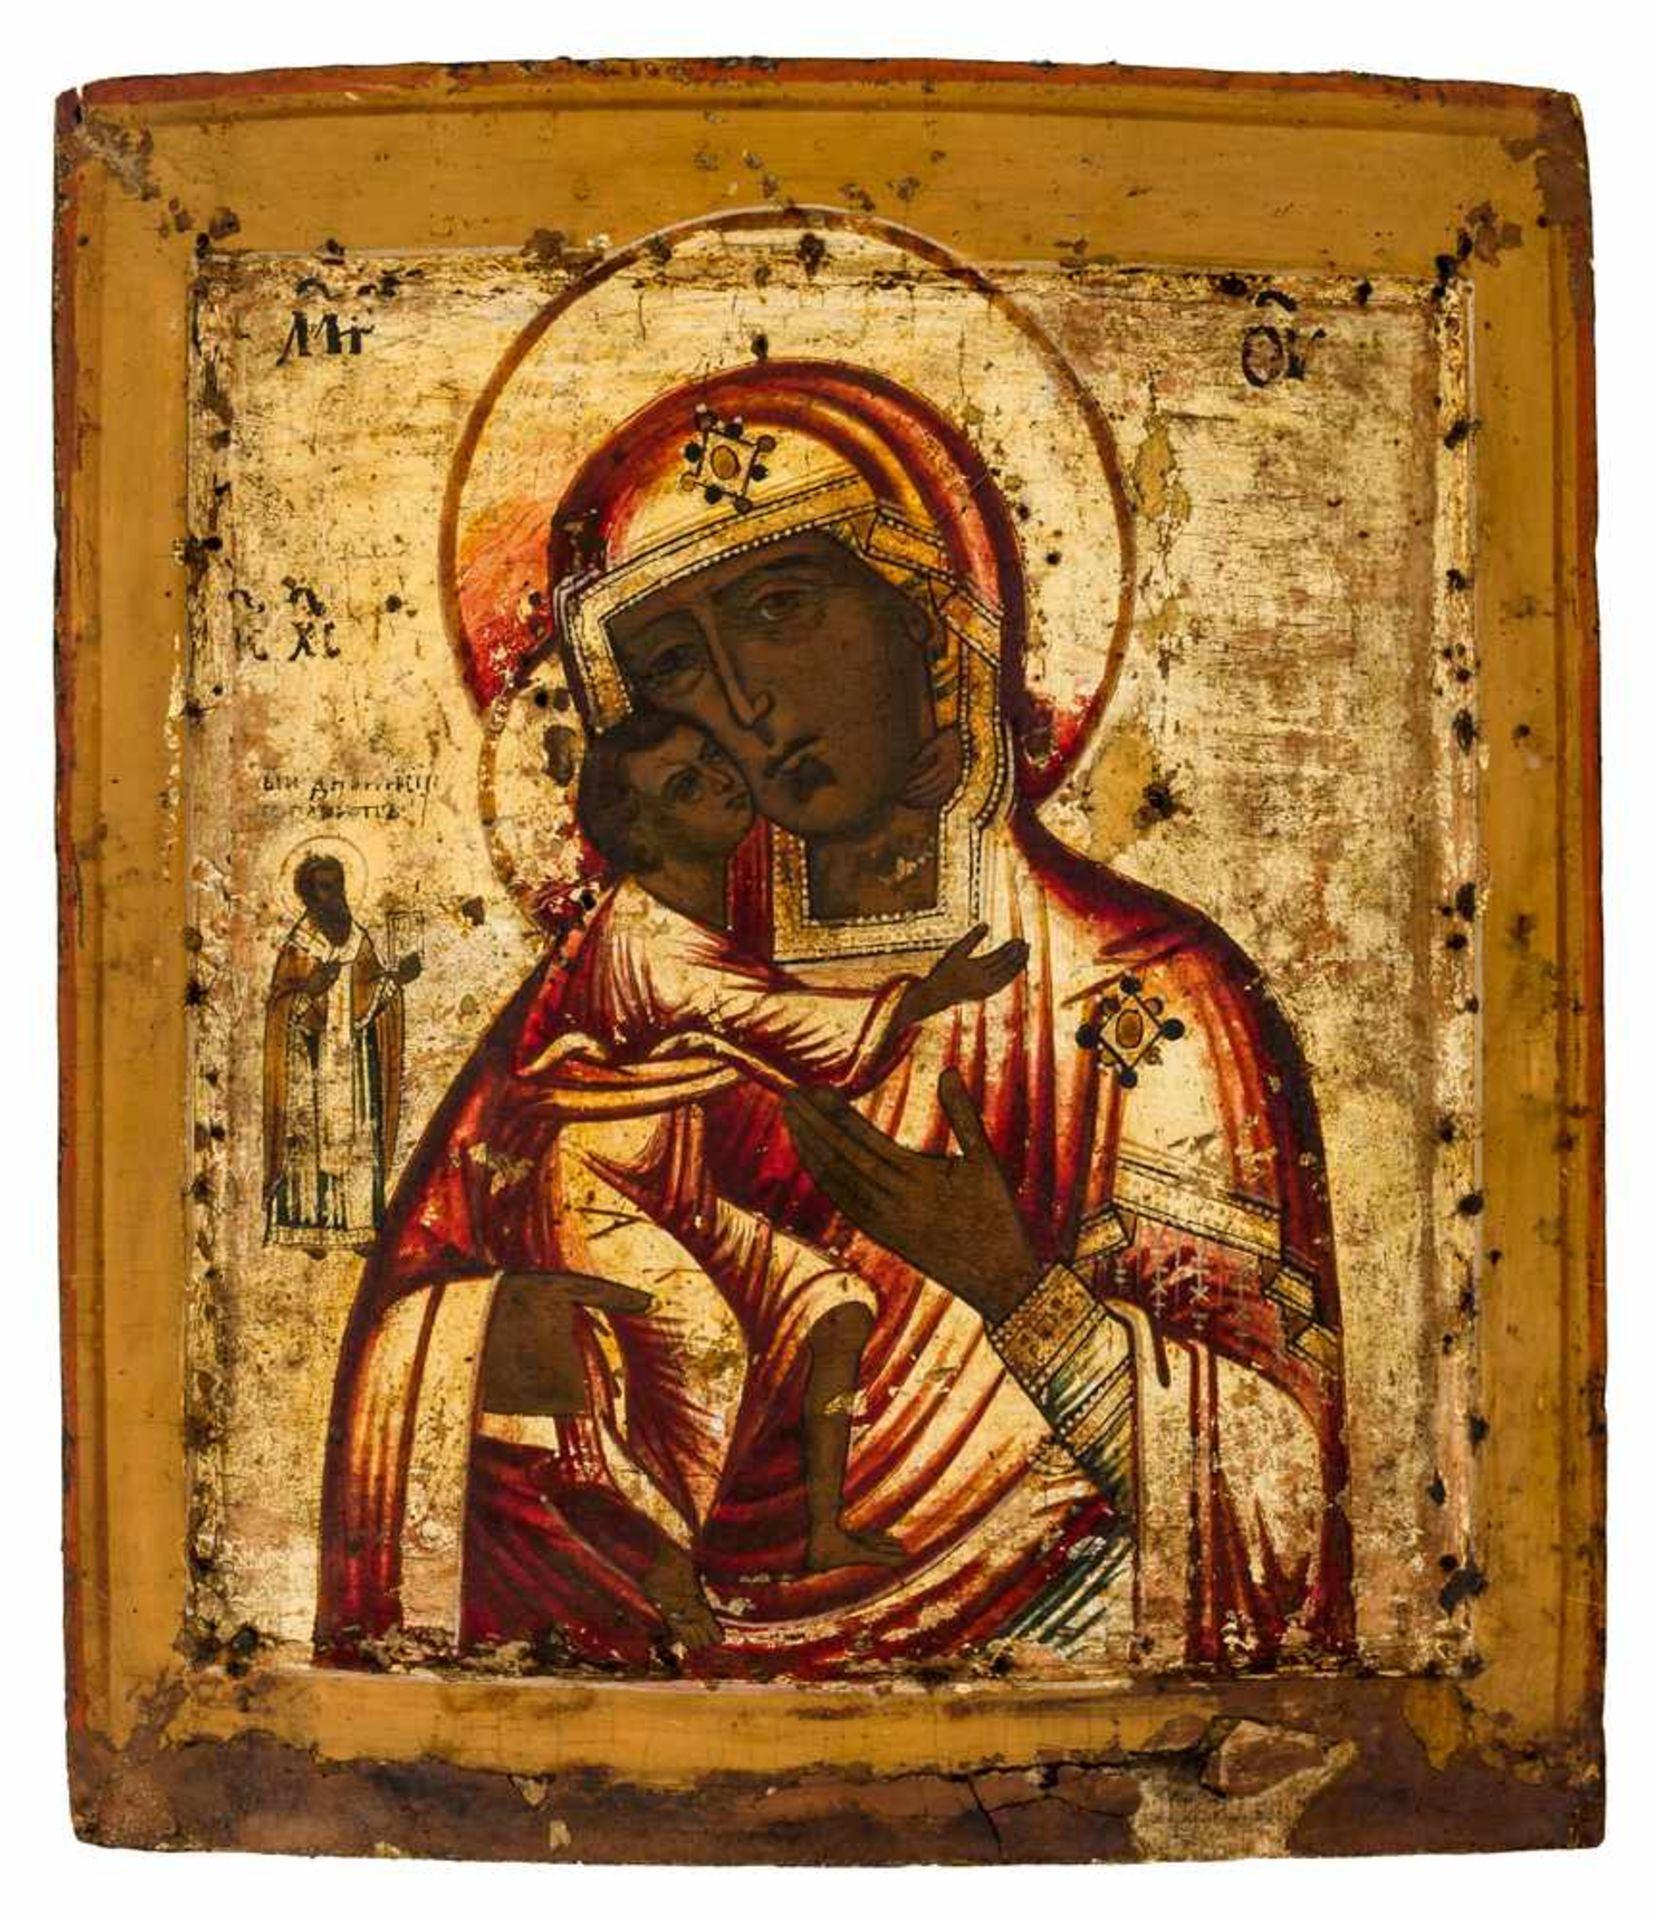 *Gottesmutter Feodorovskaja Russische Ikone, 1. Hälfte 19. Jh. 32 x 27,5 cm Der Heilige links ist